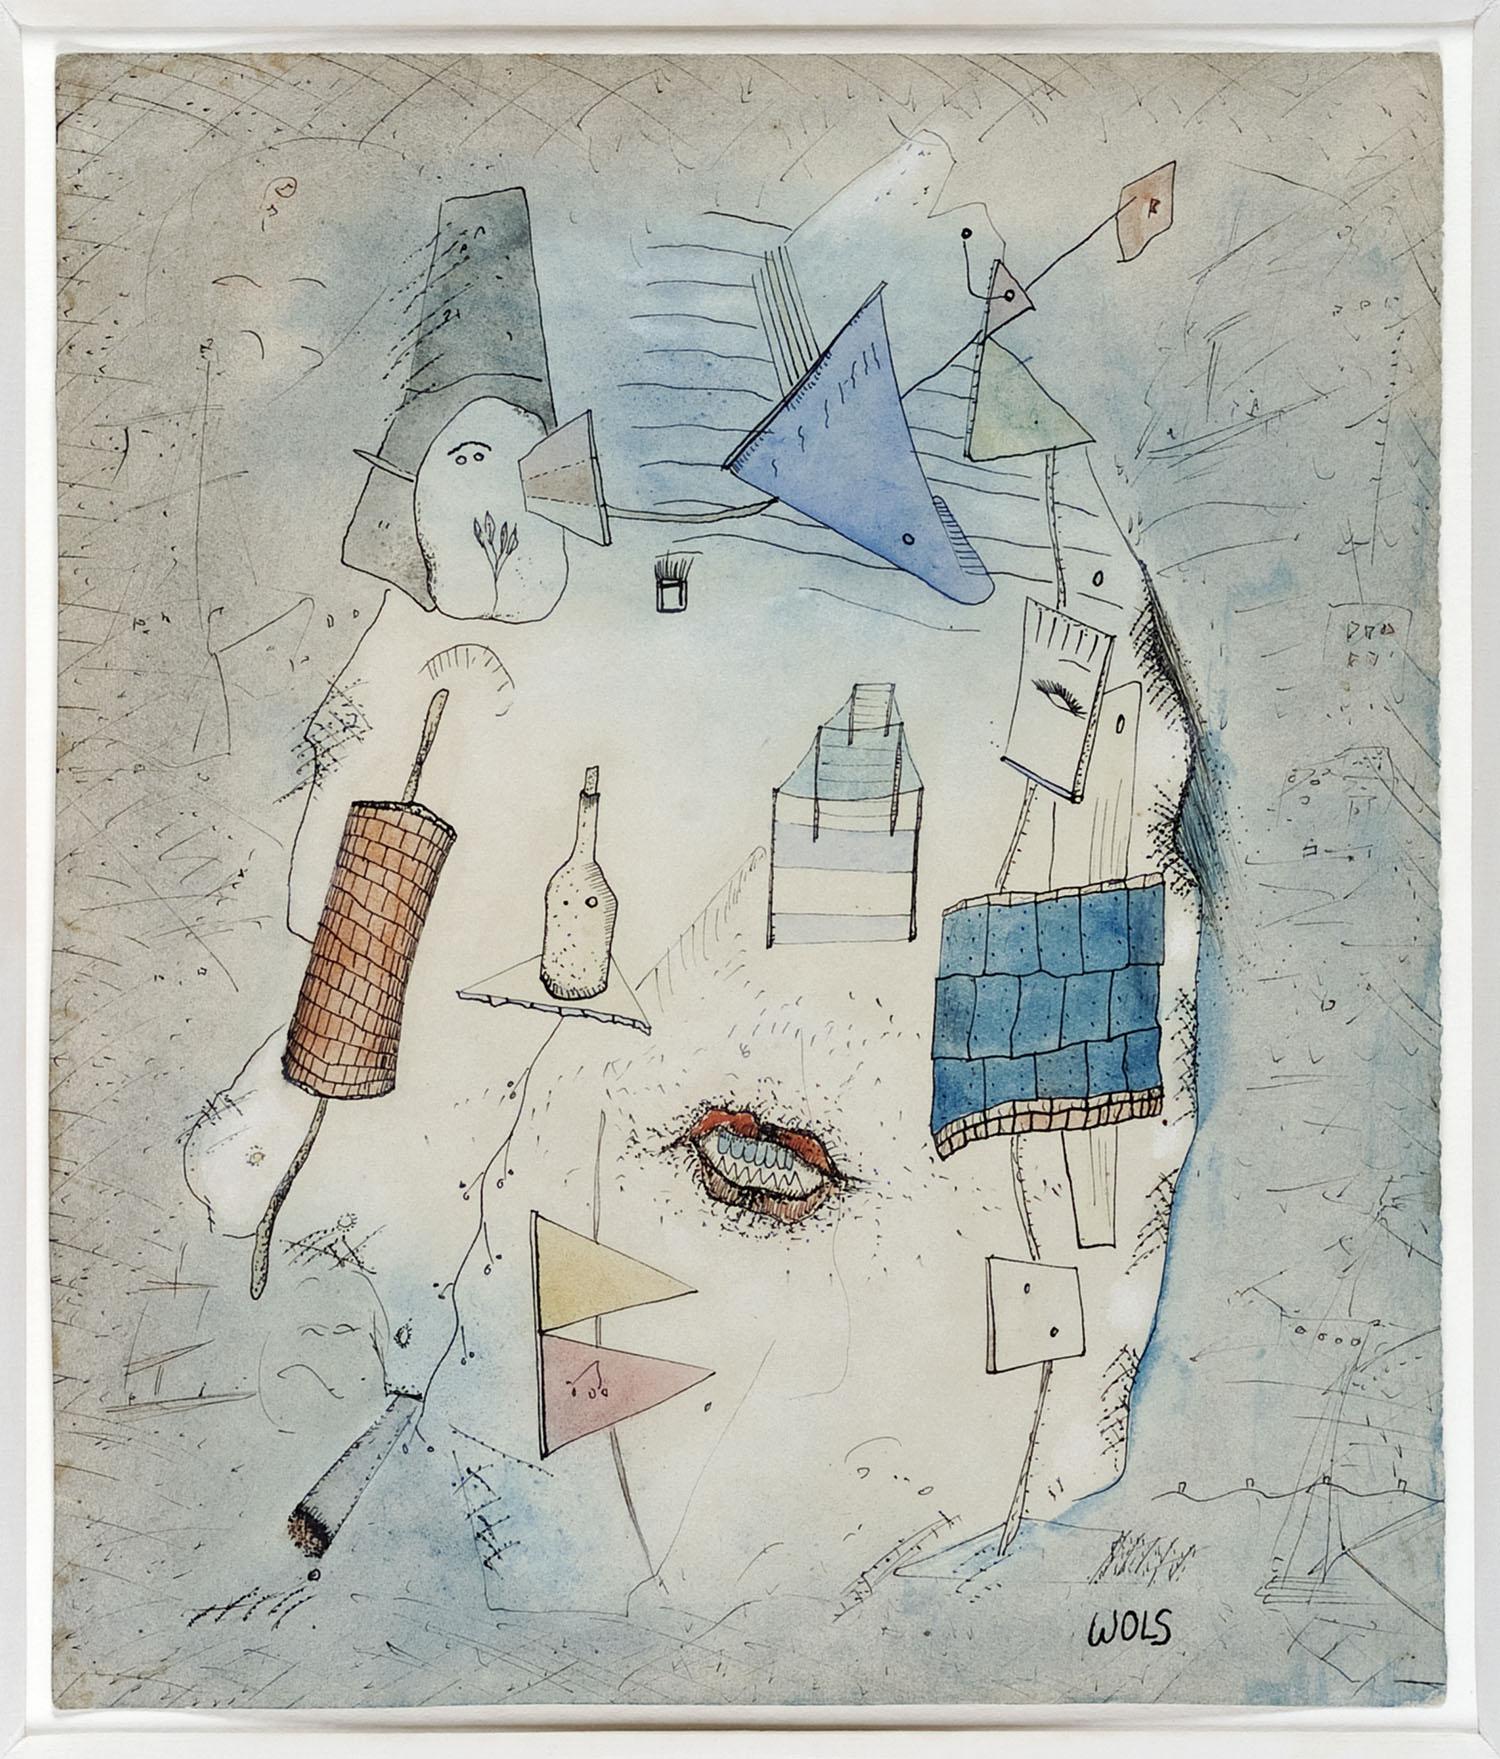 Mille problèmes dans la tête | 1940 | Wasserfarbe, Deckweiß und Tinte auf Papier | 31 x 26 cm